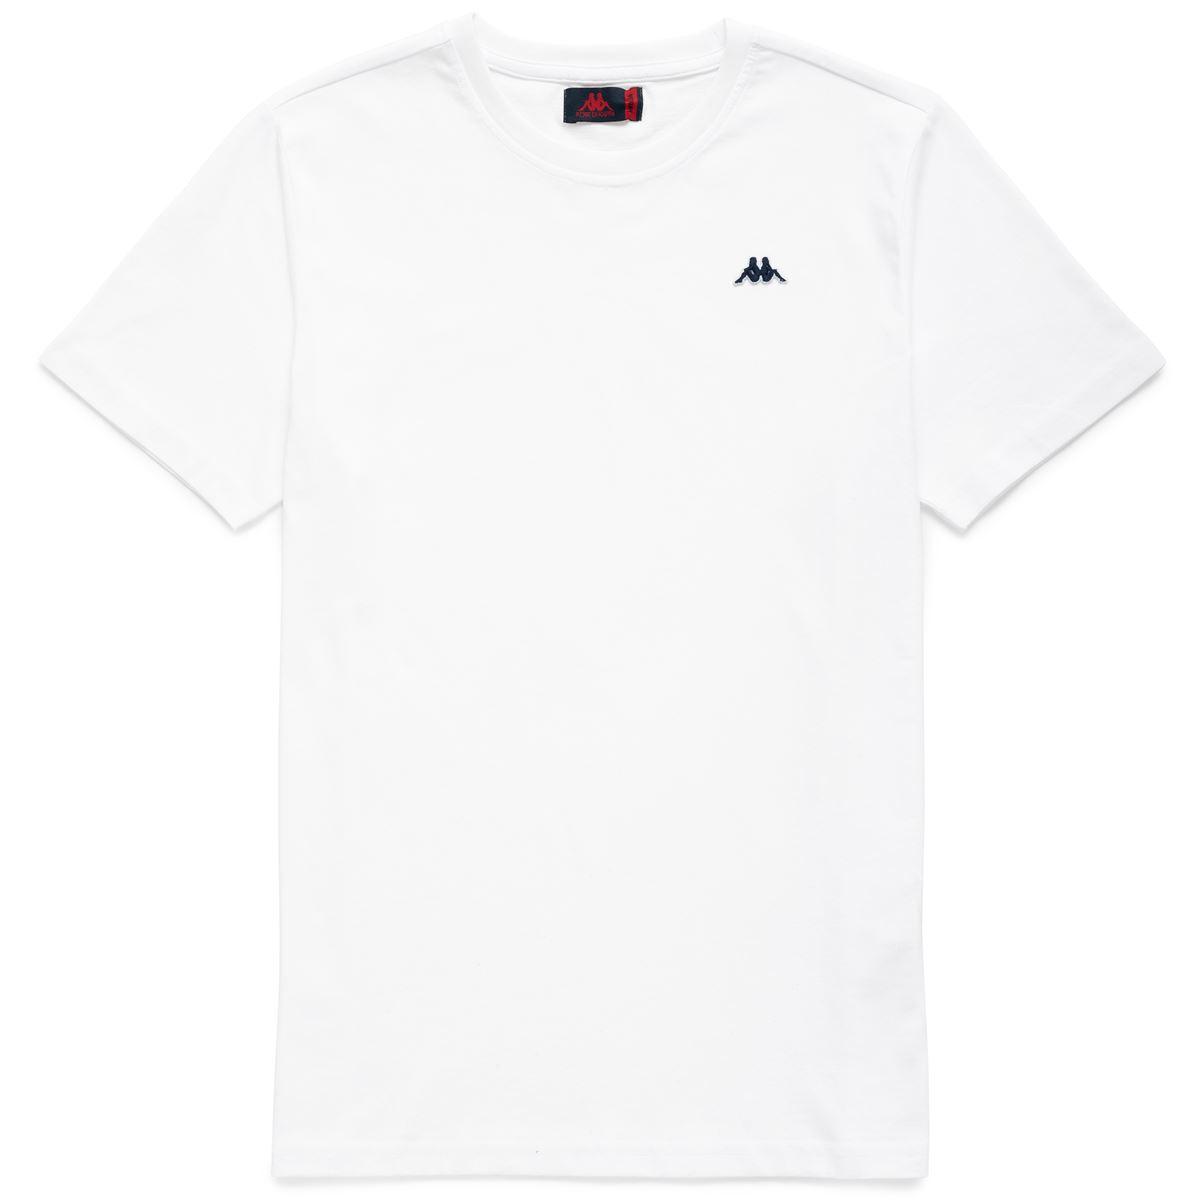 Robe di Kappa T-shirts & Top uomo-611187W